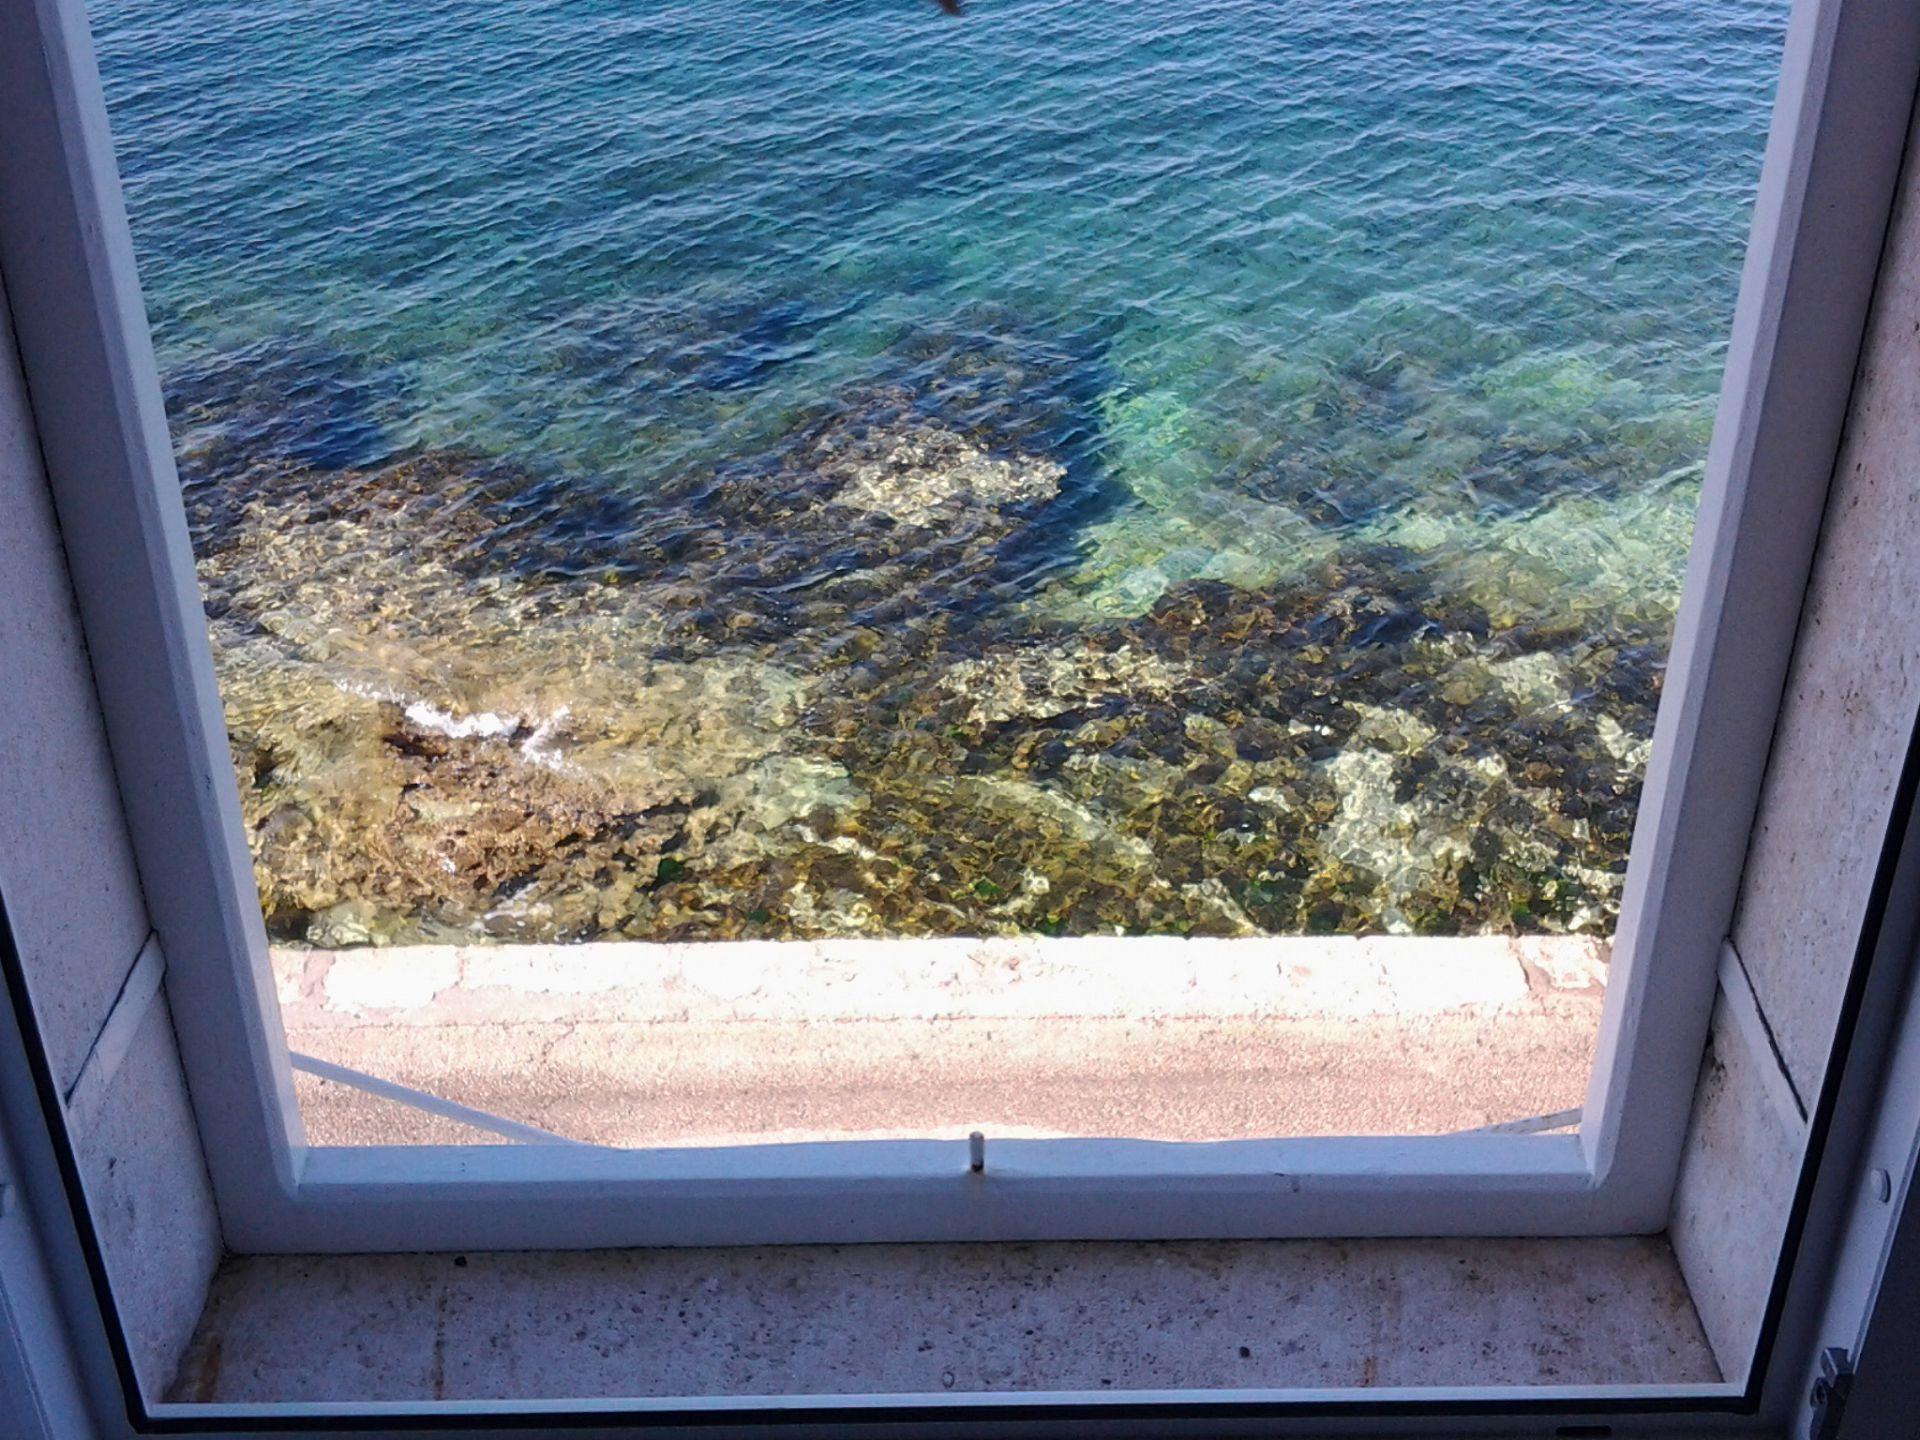 35278  - Sutivan - Appartements Croatie - A1(4+2): vue de la fenêtre